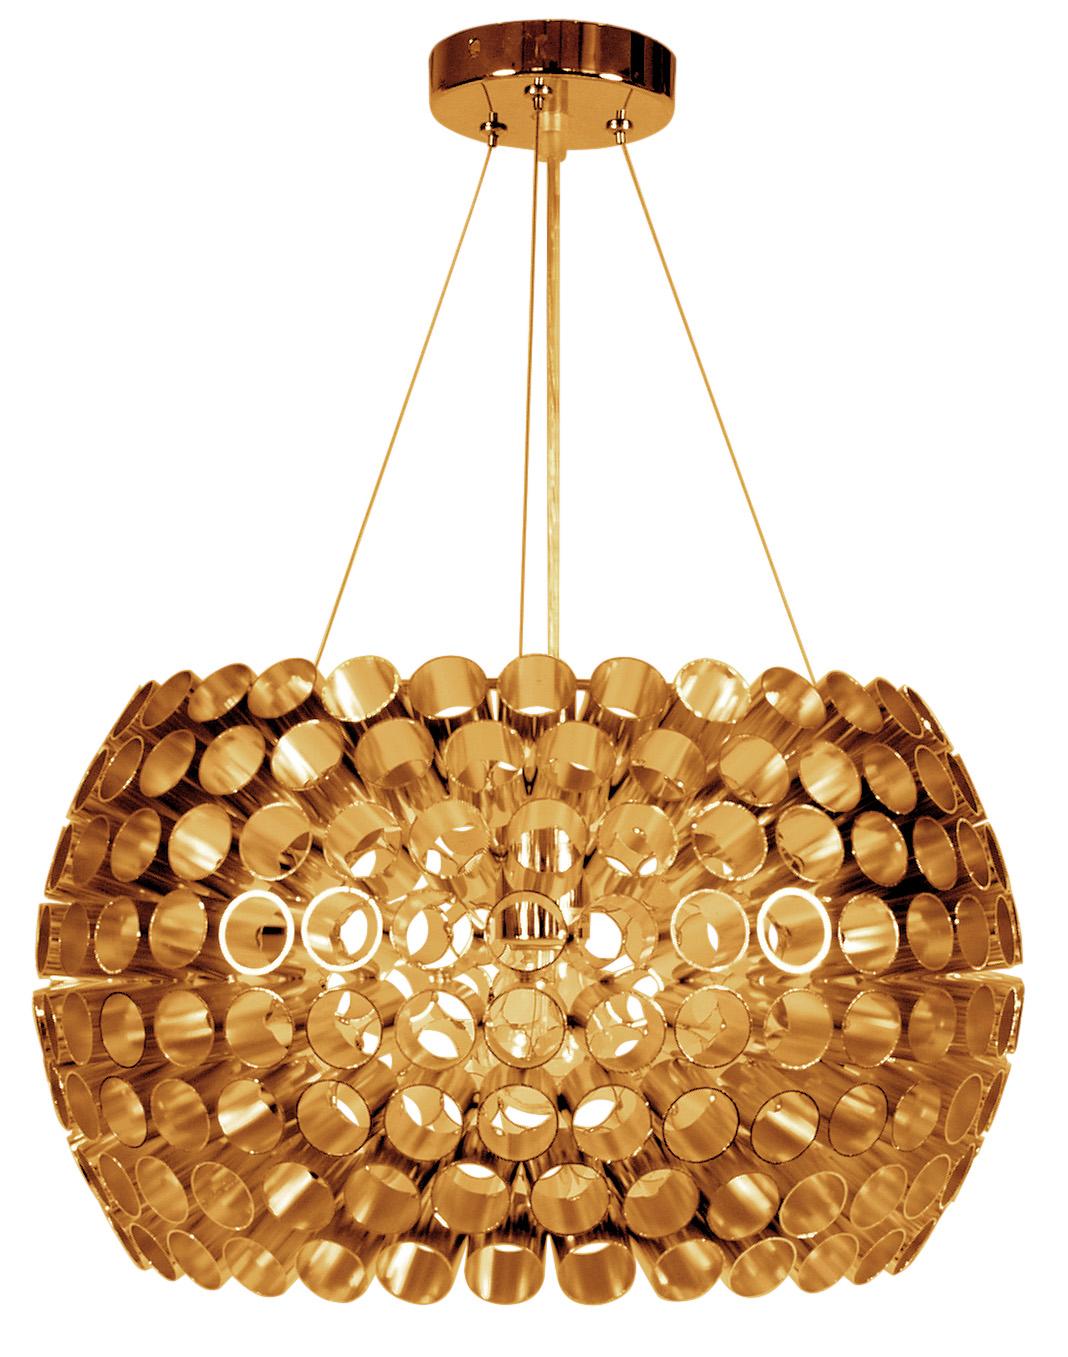 ABROS LAMPA WISZĄCA 40 1X60W E27 MIEDZIANY - 31-09067